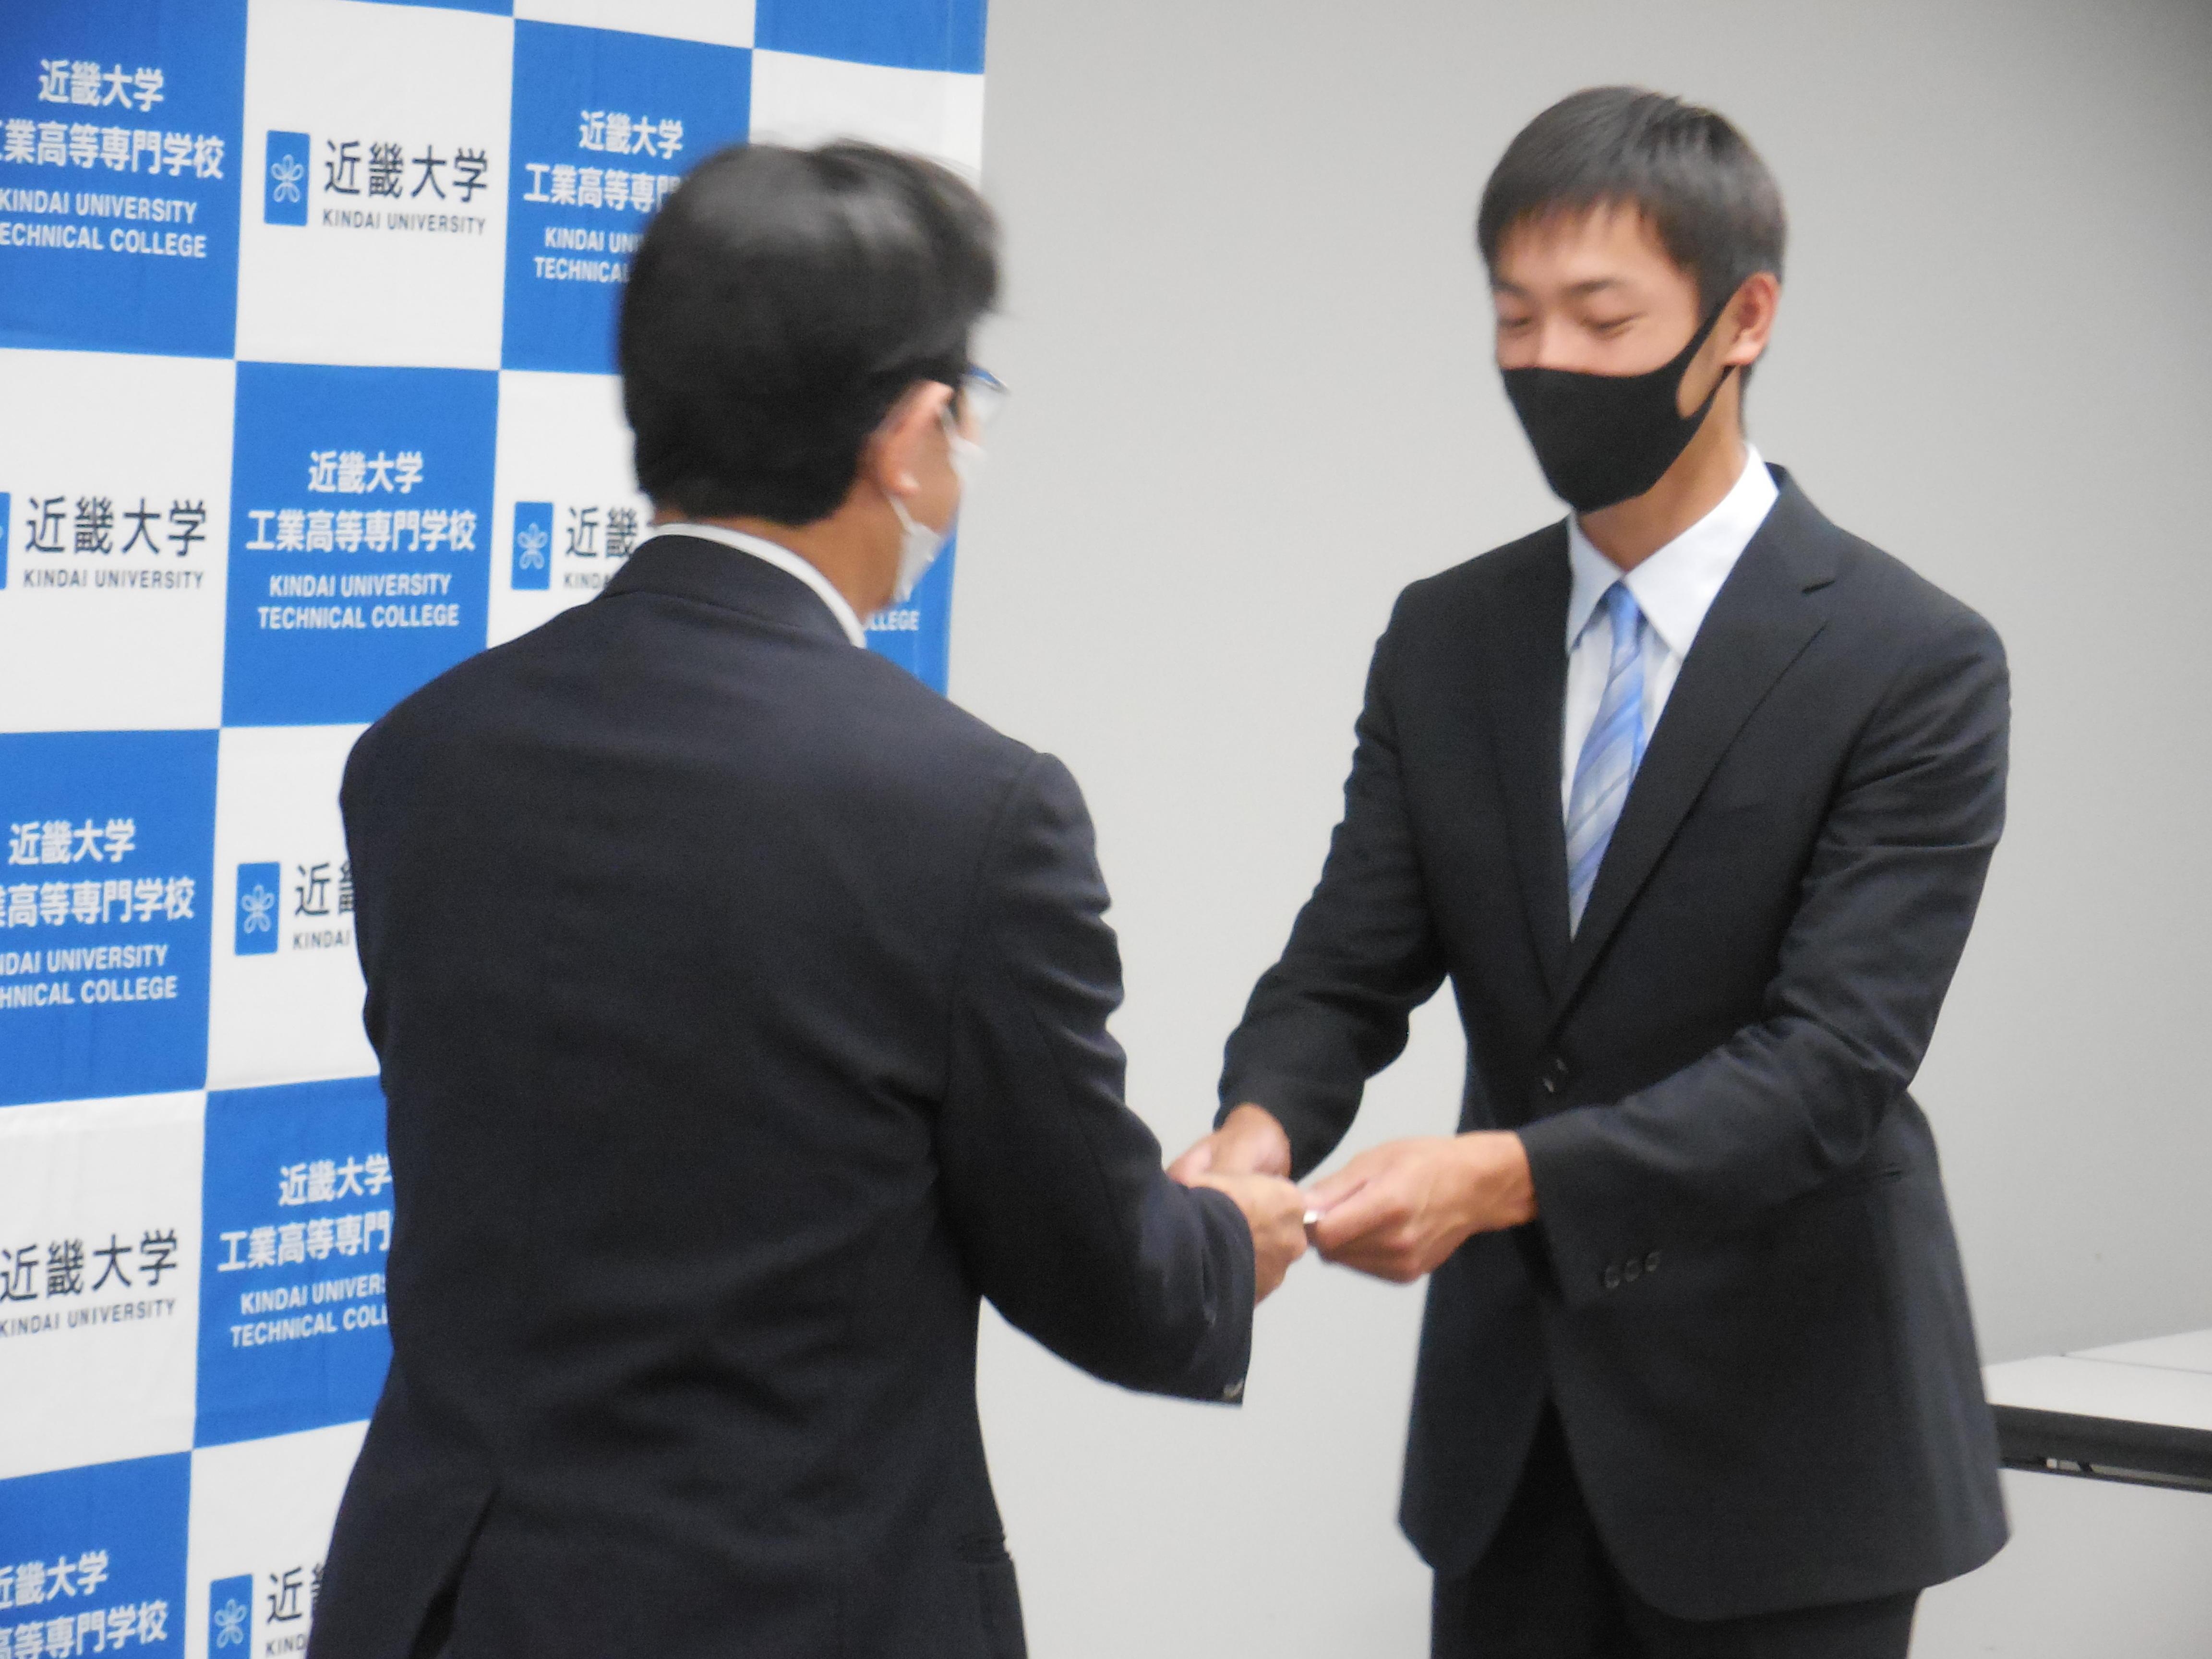 伊藤陸写真 (2).JPG